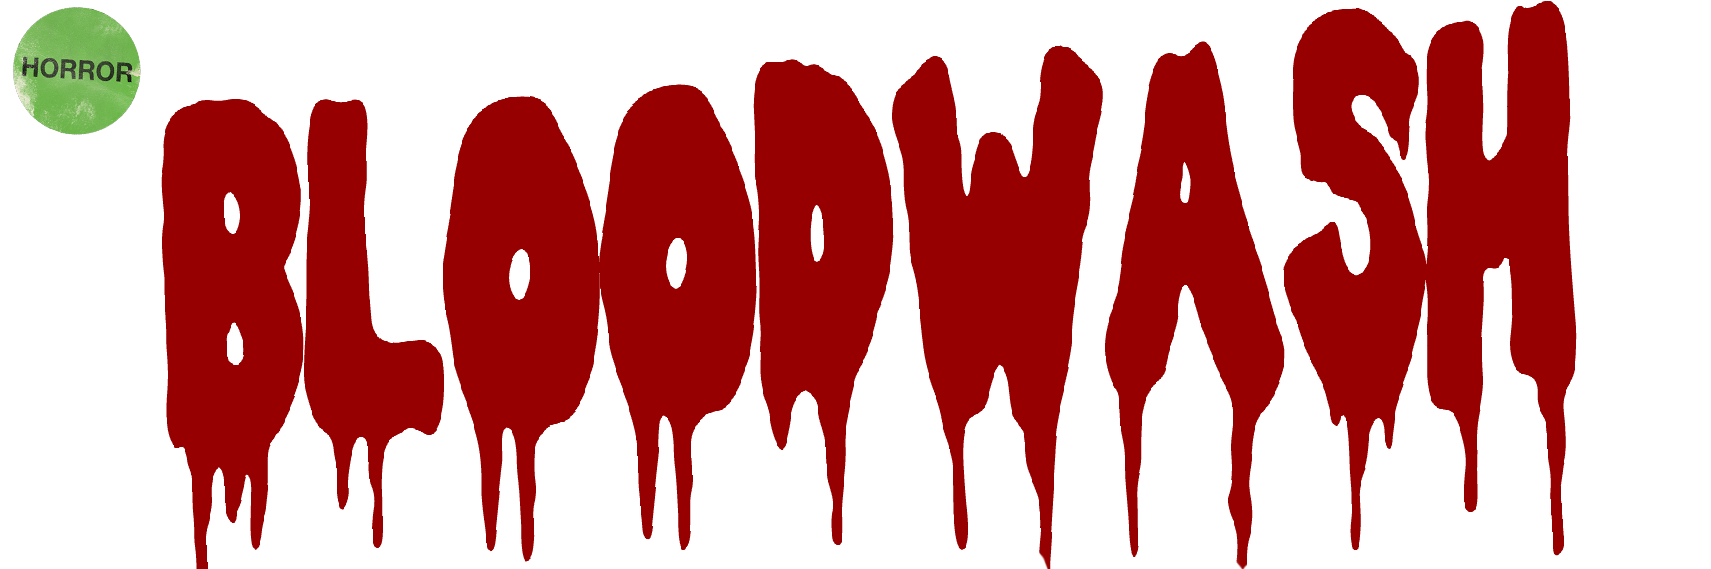 Bloodwash